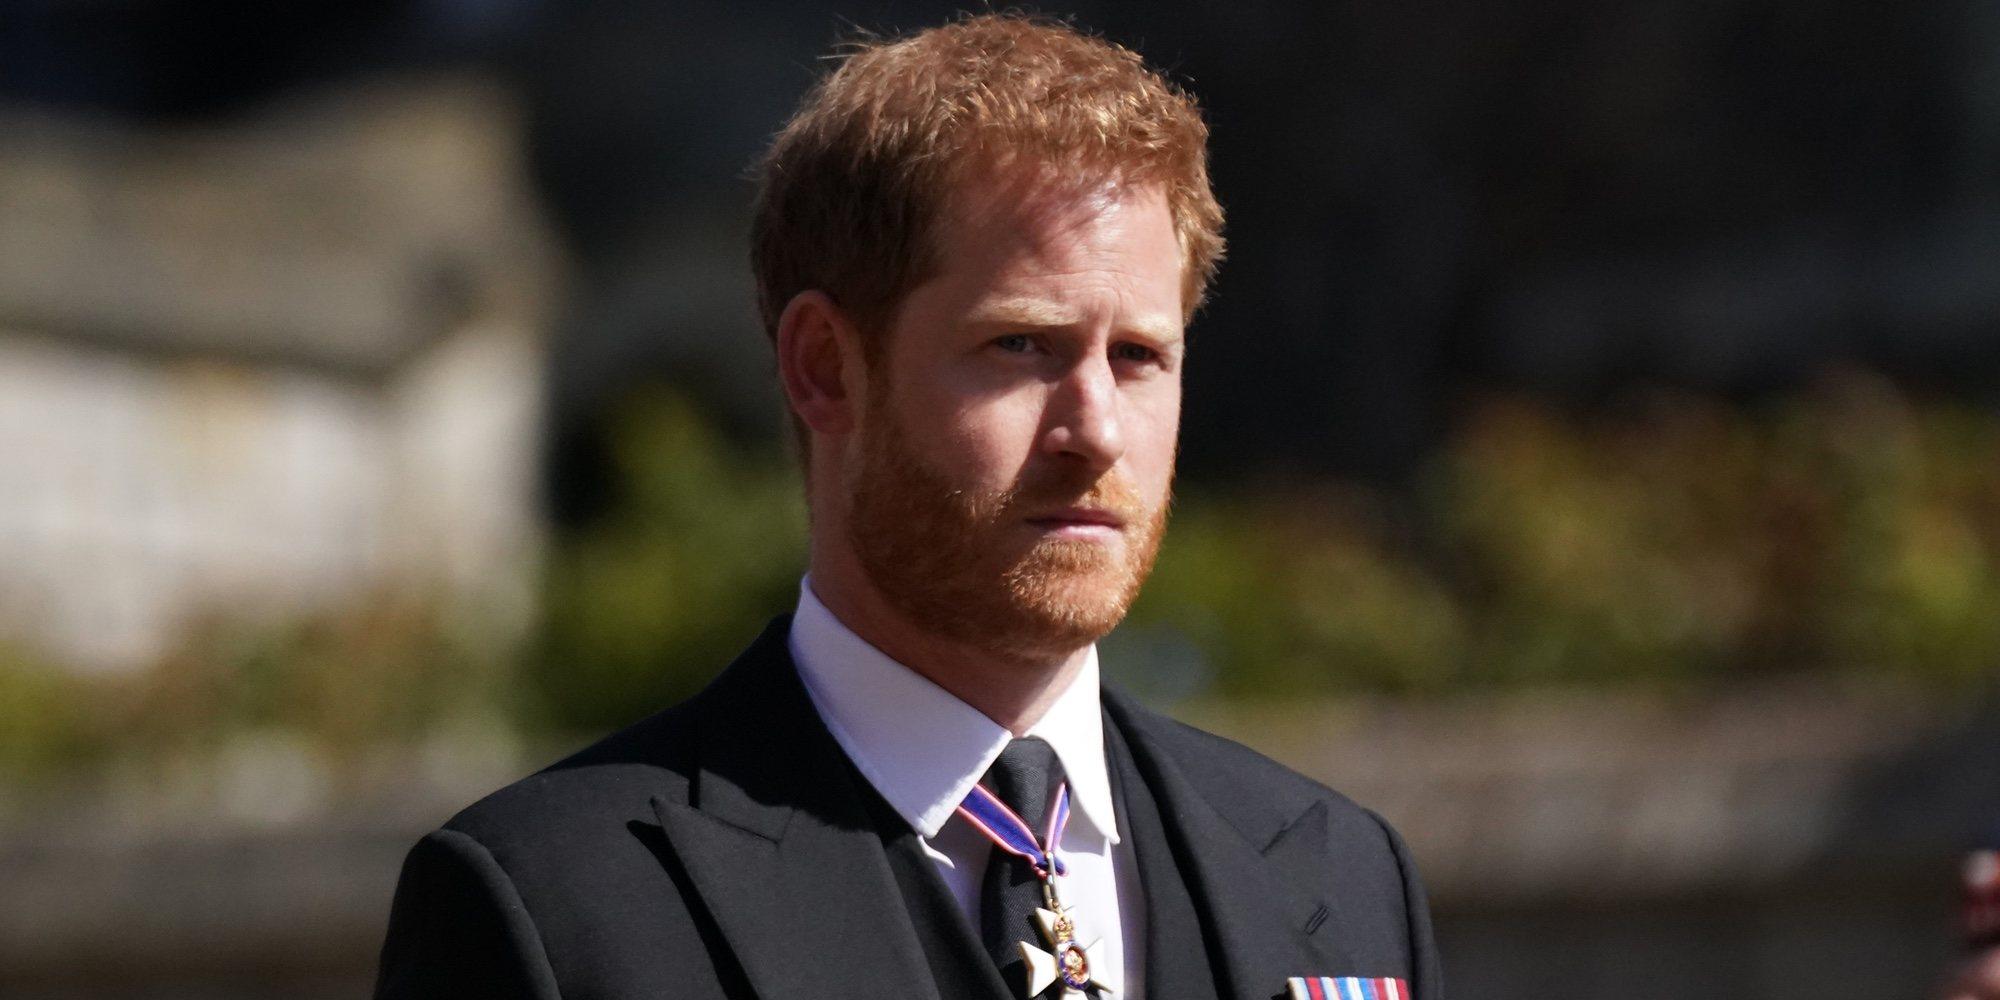 El Príncipe Harry revela lo que le dijo Meghan Markle y que le hizo dejar la Casa Real